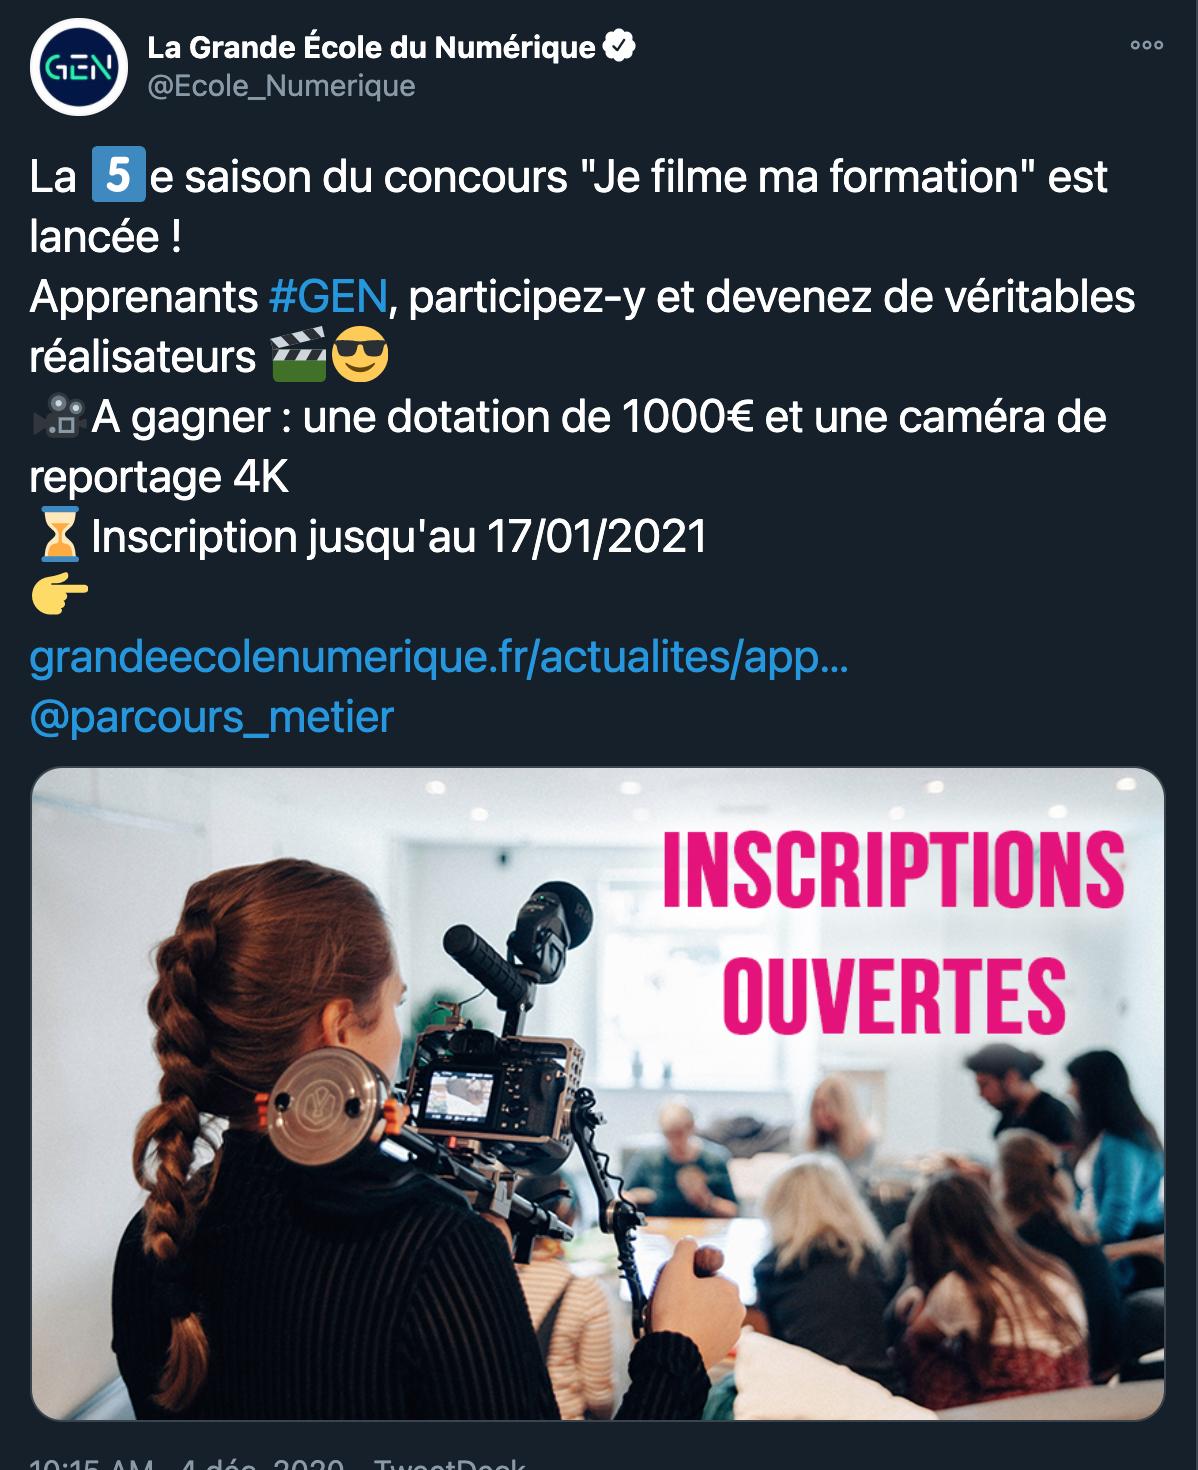 Grande École du Numérique - 26/11/2020